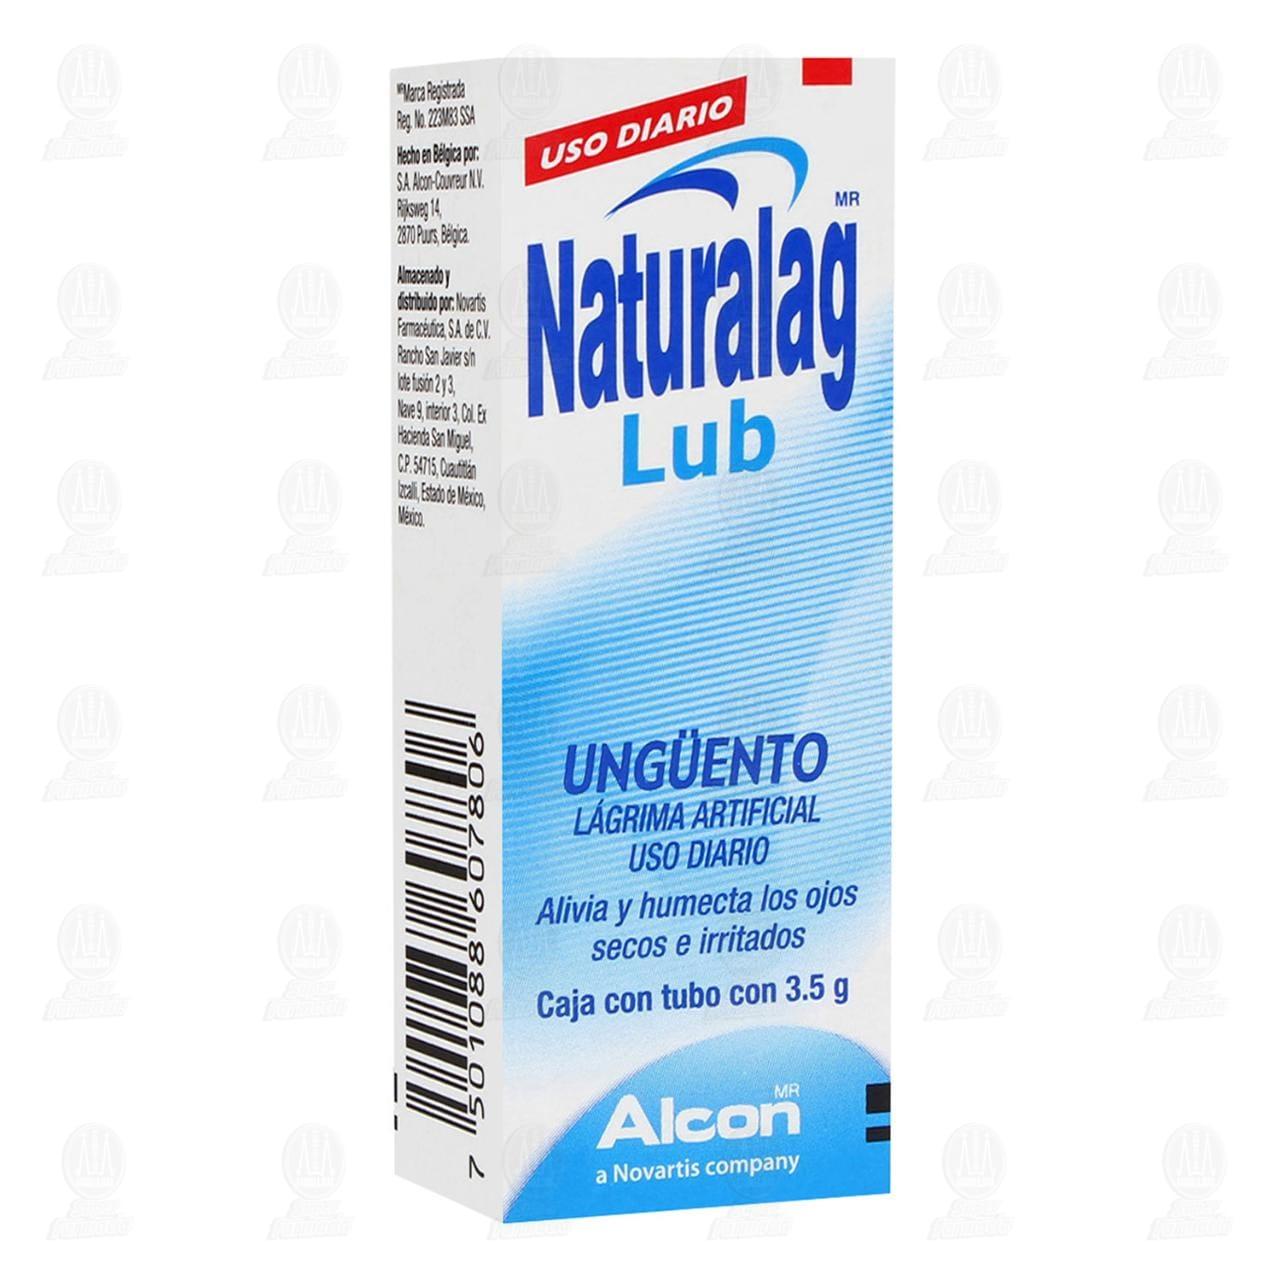 comprar https://www.movil.farmaciasguadalajara.com/wcsstore/FGCAS/wcs/products/107069_A_1280_AL.jpg en farmacias guadalajara